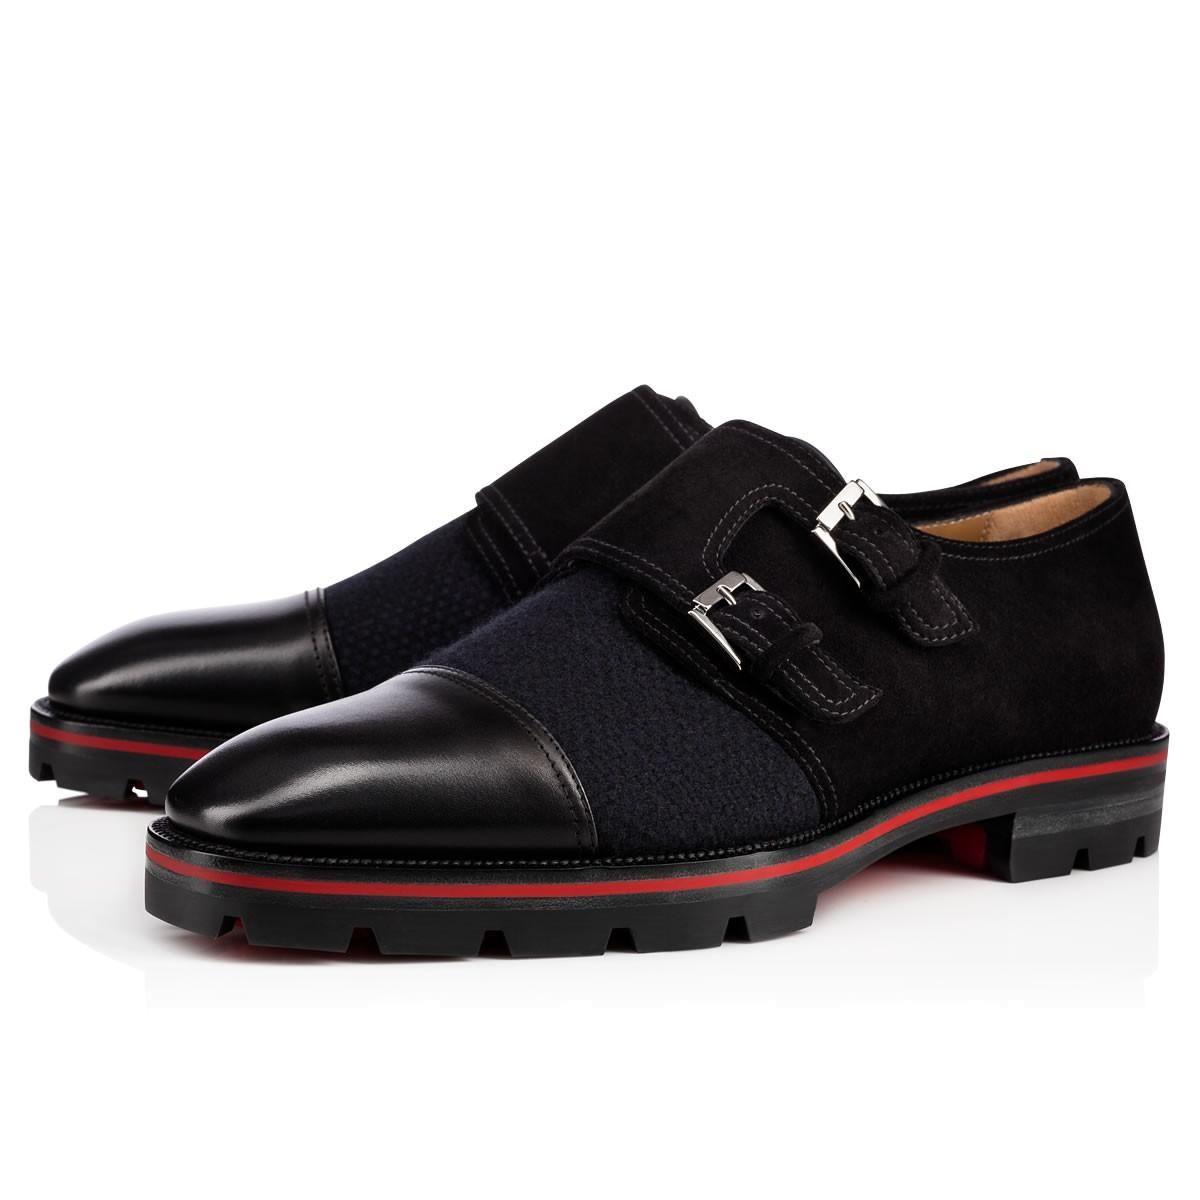 20s cavalheiro festa bussiness vestido deslizamento em mocassins, sapatos baixos sapatos de borracha sola grossa fundo vermelho oxfords luxo homens casuais moda